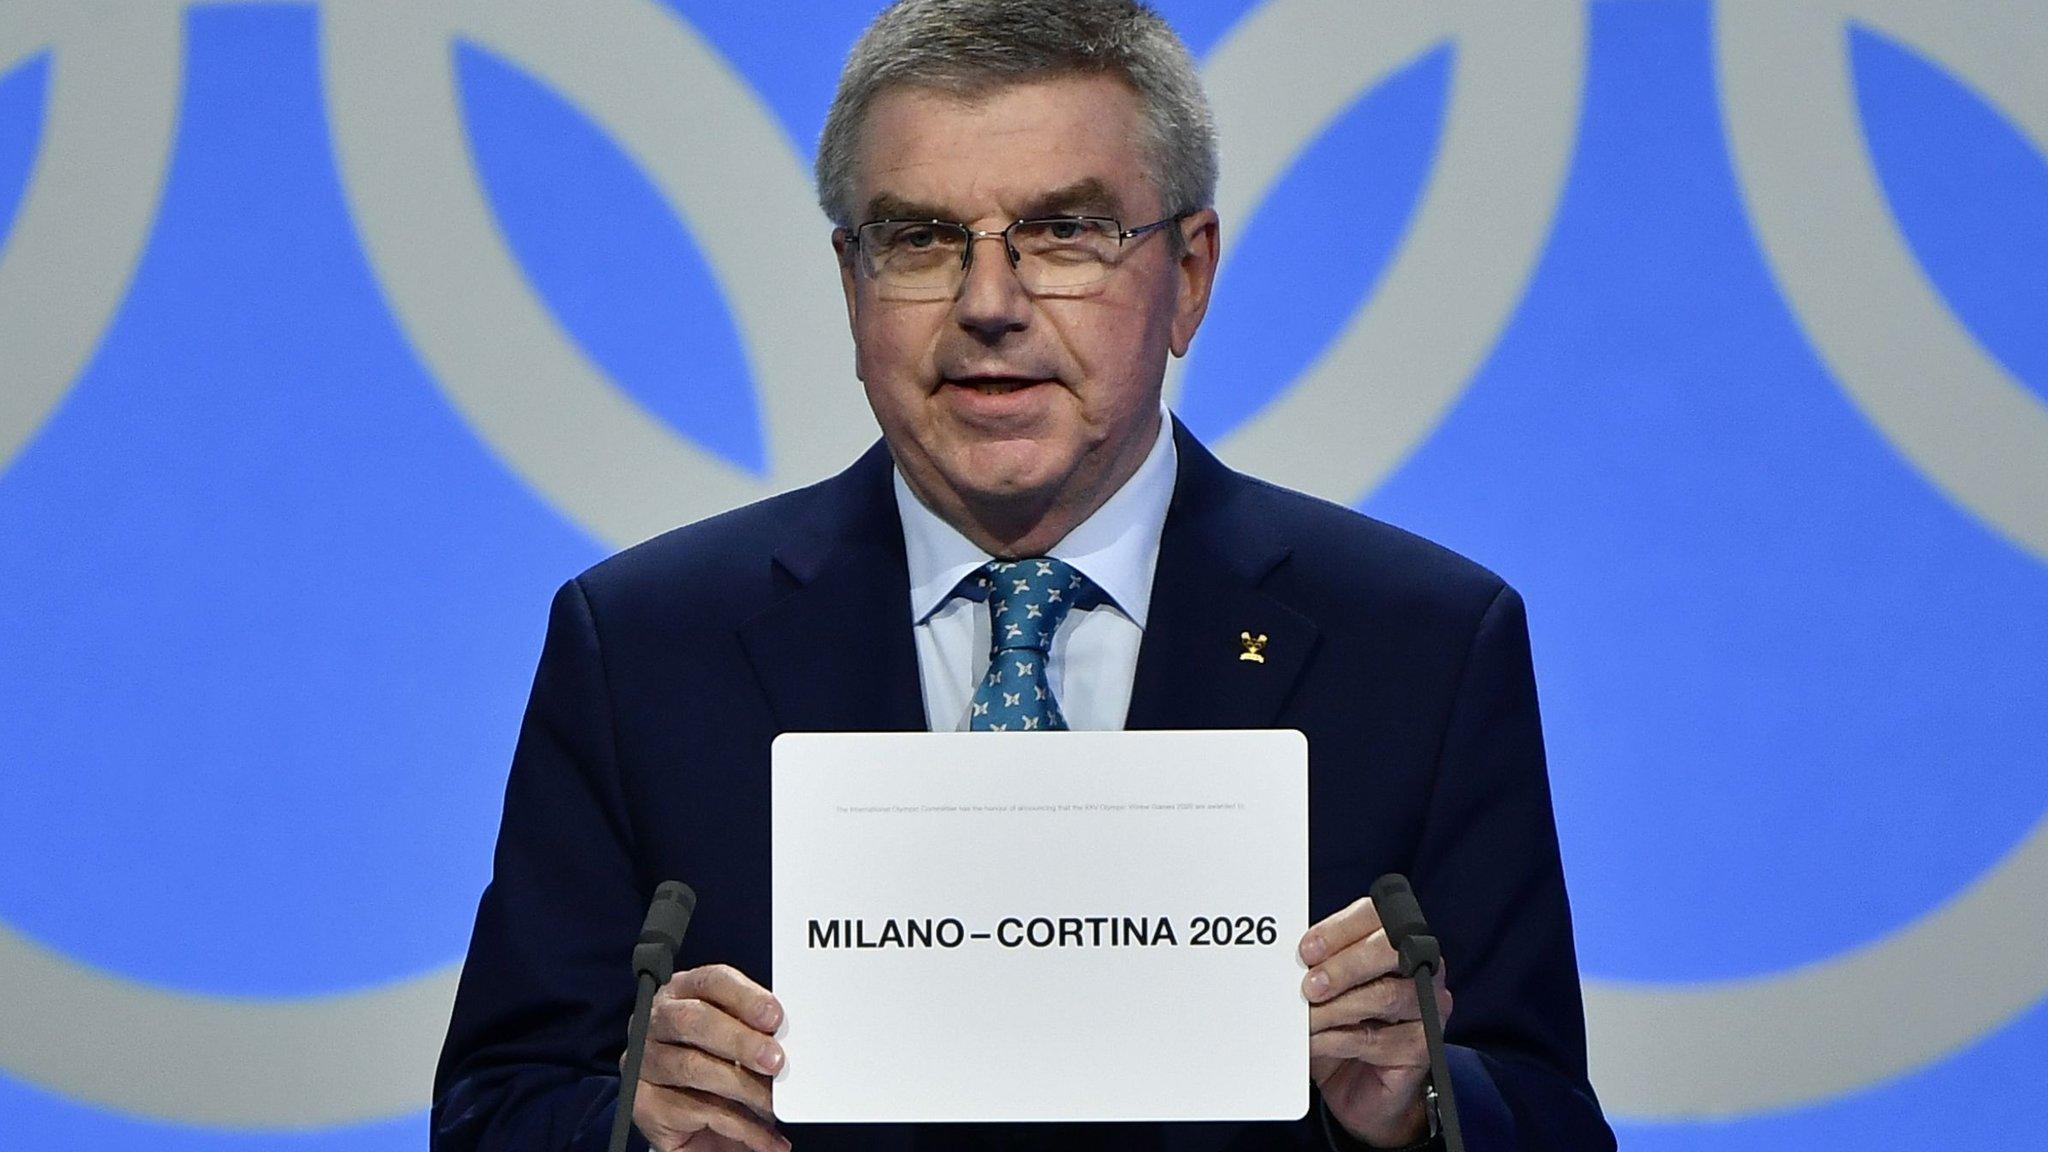 Winter Olympics & Paralympics: Italy's Milan-Cortina chosen to host 2026 Games